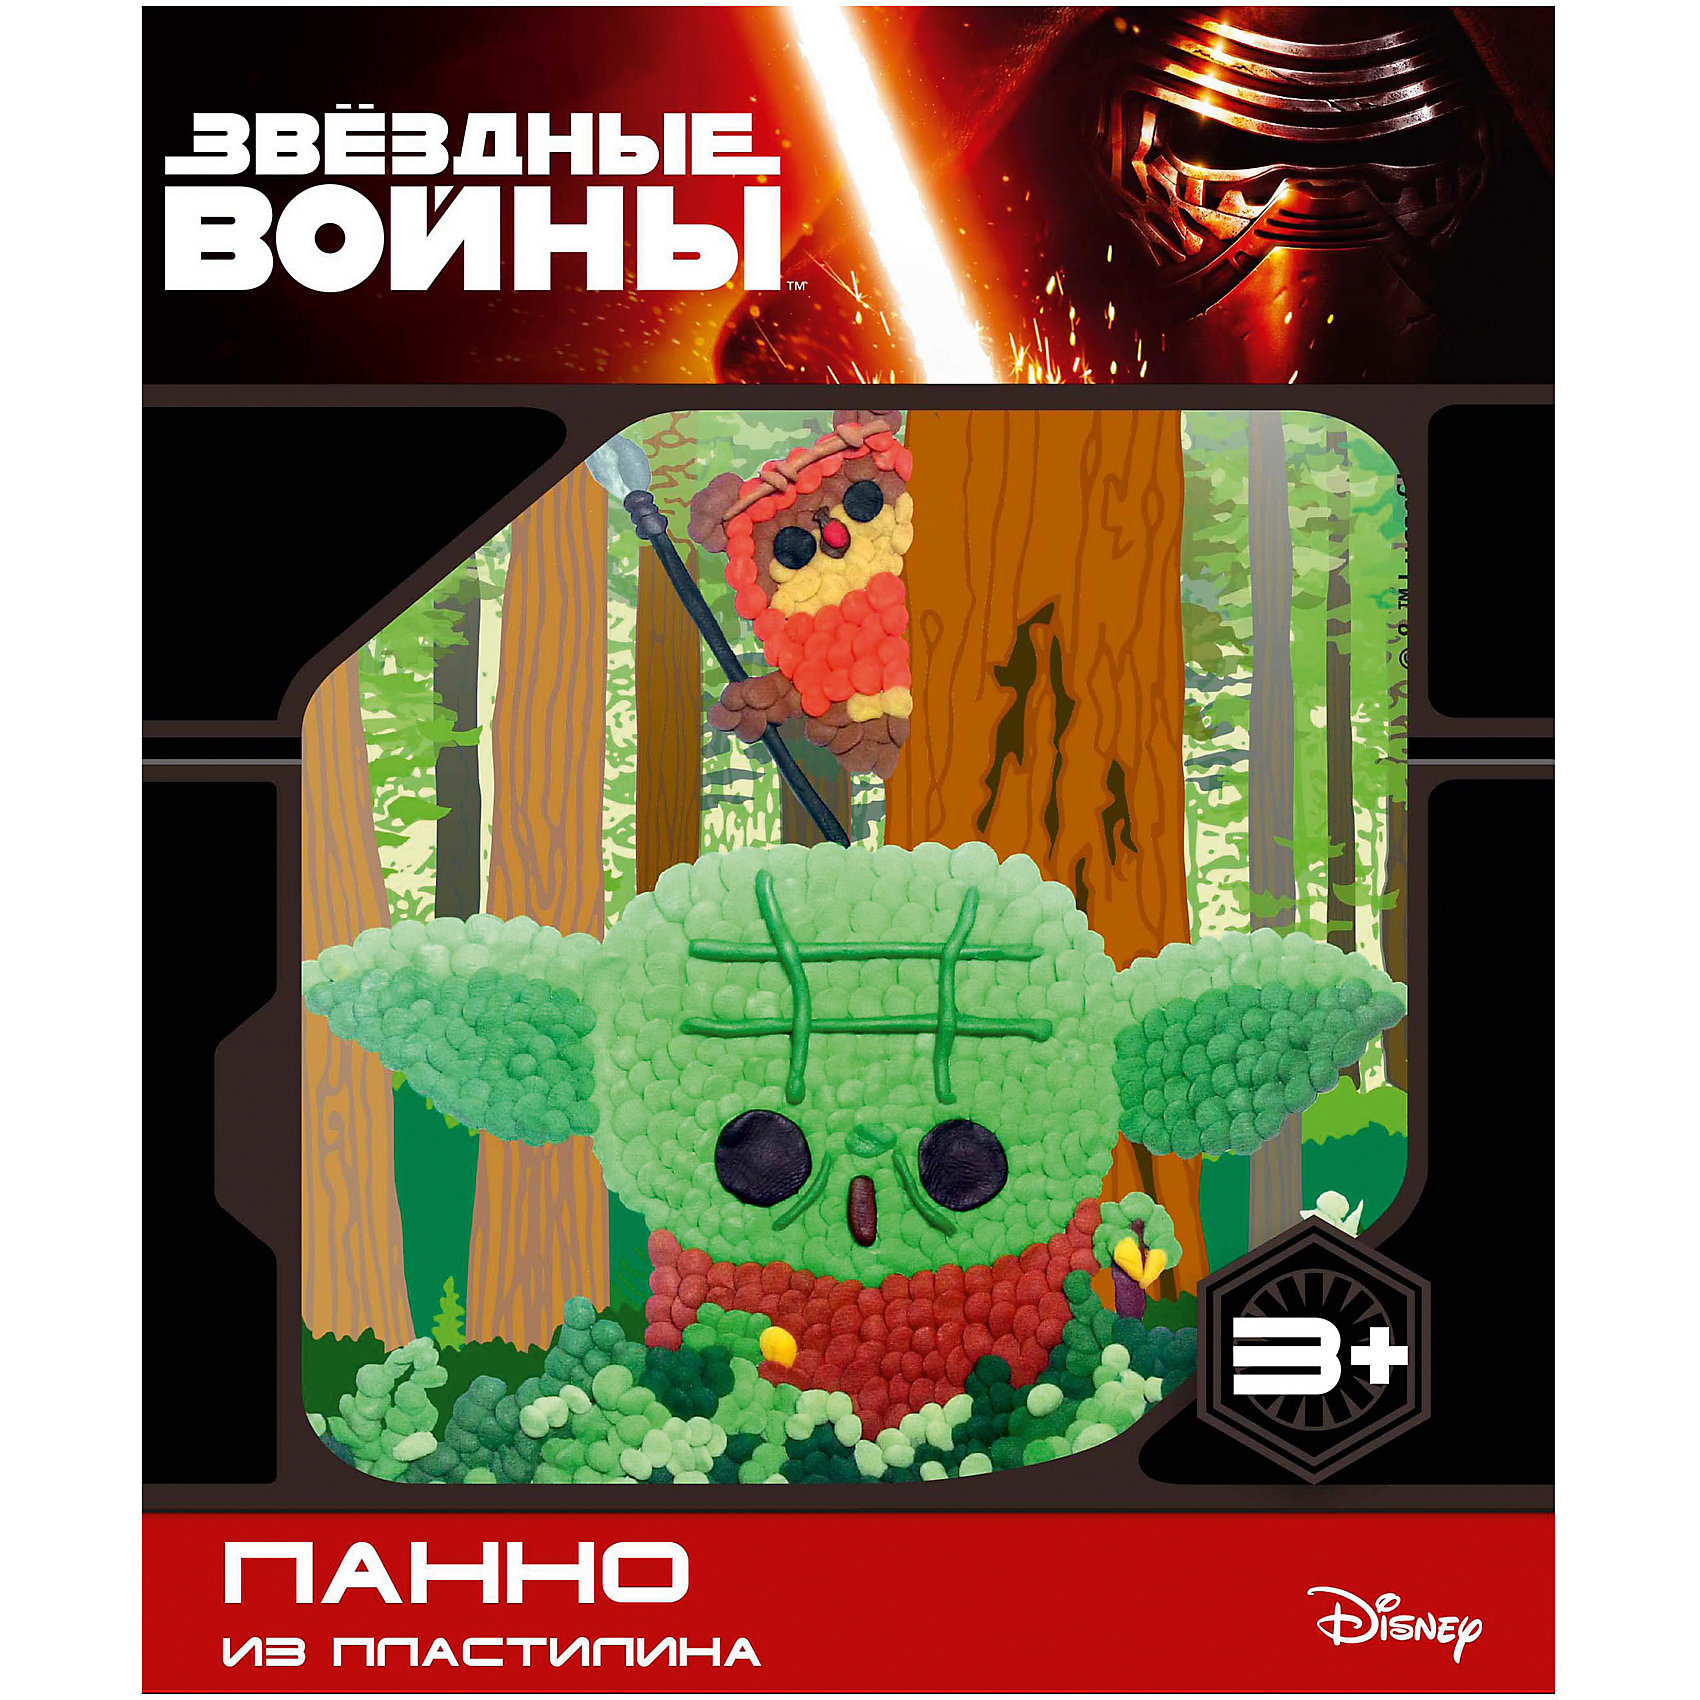 Панно из пластилина Звездные войныЗвездные войны Товары для фанатов<br>Панно из пластилина Звездные войны, Centrum (Центрум)<br><br>Характеристики:<br><br>• яркая картинка из пластилина<br>• привлекательный дизайн с любимыми героями<br>• в комплекте: пластилин (10 цветов), стек, картинка<br>• размер: 5х22,5х18,5 см<br>• вес: 300 грамм <br><br>Пожалуй, каждый ребенок любит поделки из пластилина. Набор Звездные войны откроет ребенку новые возможности для творчества. В комплект входит не только пластилин, но и картинка, которую можно украсить так, как подскажет фантазия. Делайте картинку тонкой или объемной - всё зависит только от вас. В набор входит стек, который поможет отрезать необходимое количество пластилина. Набор с изображением всем известного Йоды - прекрасный вариант для полезного времяпровождения!<br><br>Панно из пластилина Звездные войны, Centrum (Центрум) вы можете купить в нашем интернет-магазине.<br><br>Ширина мм: 50<br>Глубина мм: 185<br>Высота мм: 225<br>Вес г: 300<br>Возраст от месяцев: 36<br>Возраст до месяцев: 120<br>Пол: Мужской<br>Возраст: Детский<br>SKU: 5175404